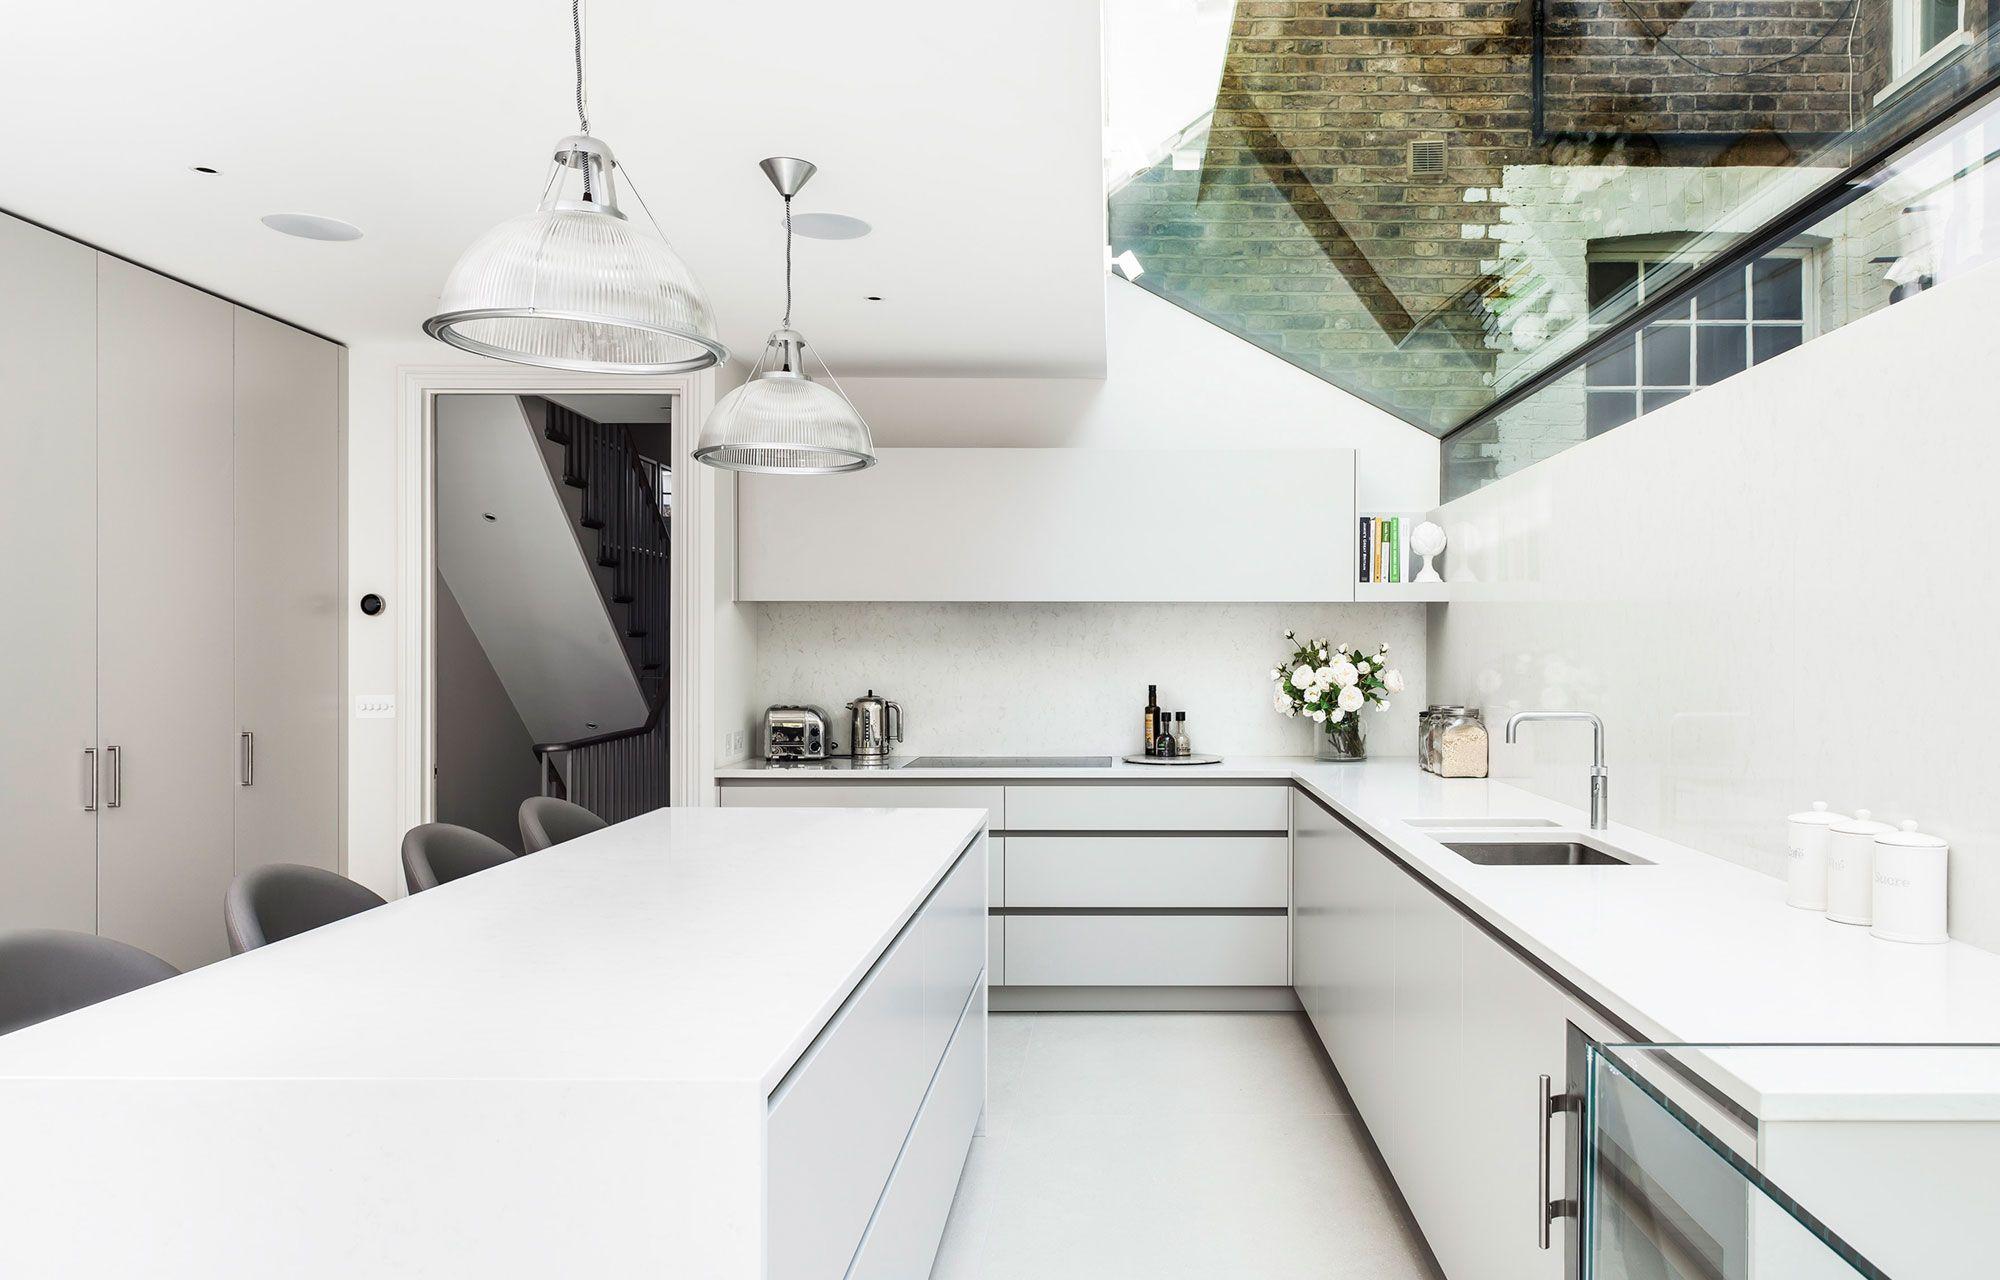 Küche, Weis, Kochinsel, Hell, Gestaltung, Beleuchtung ...